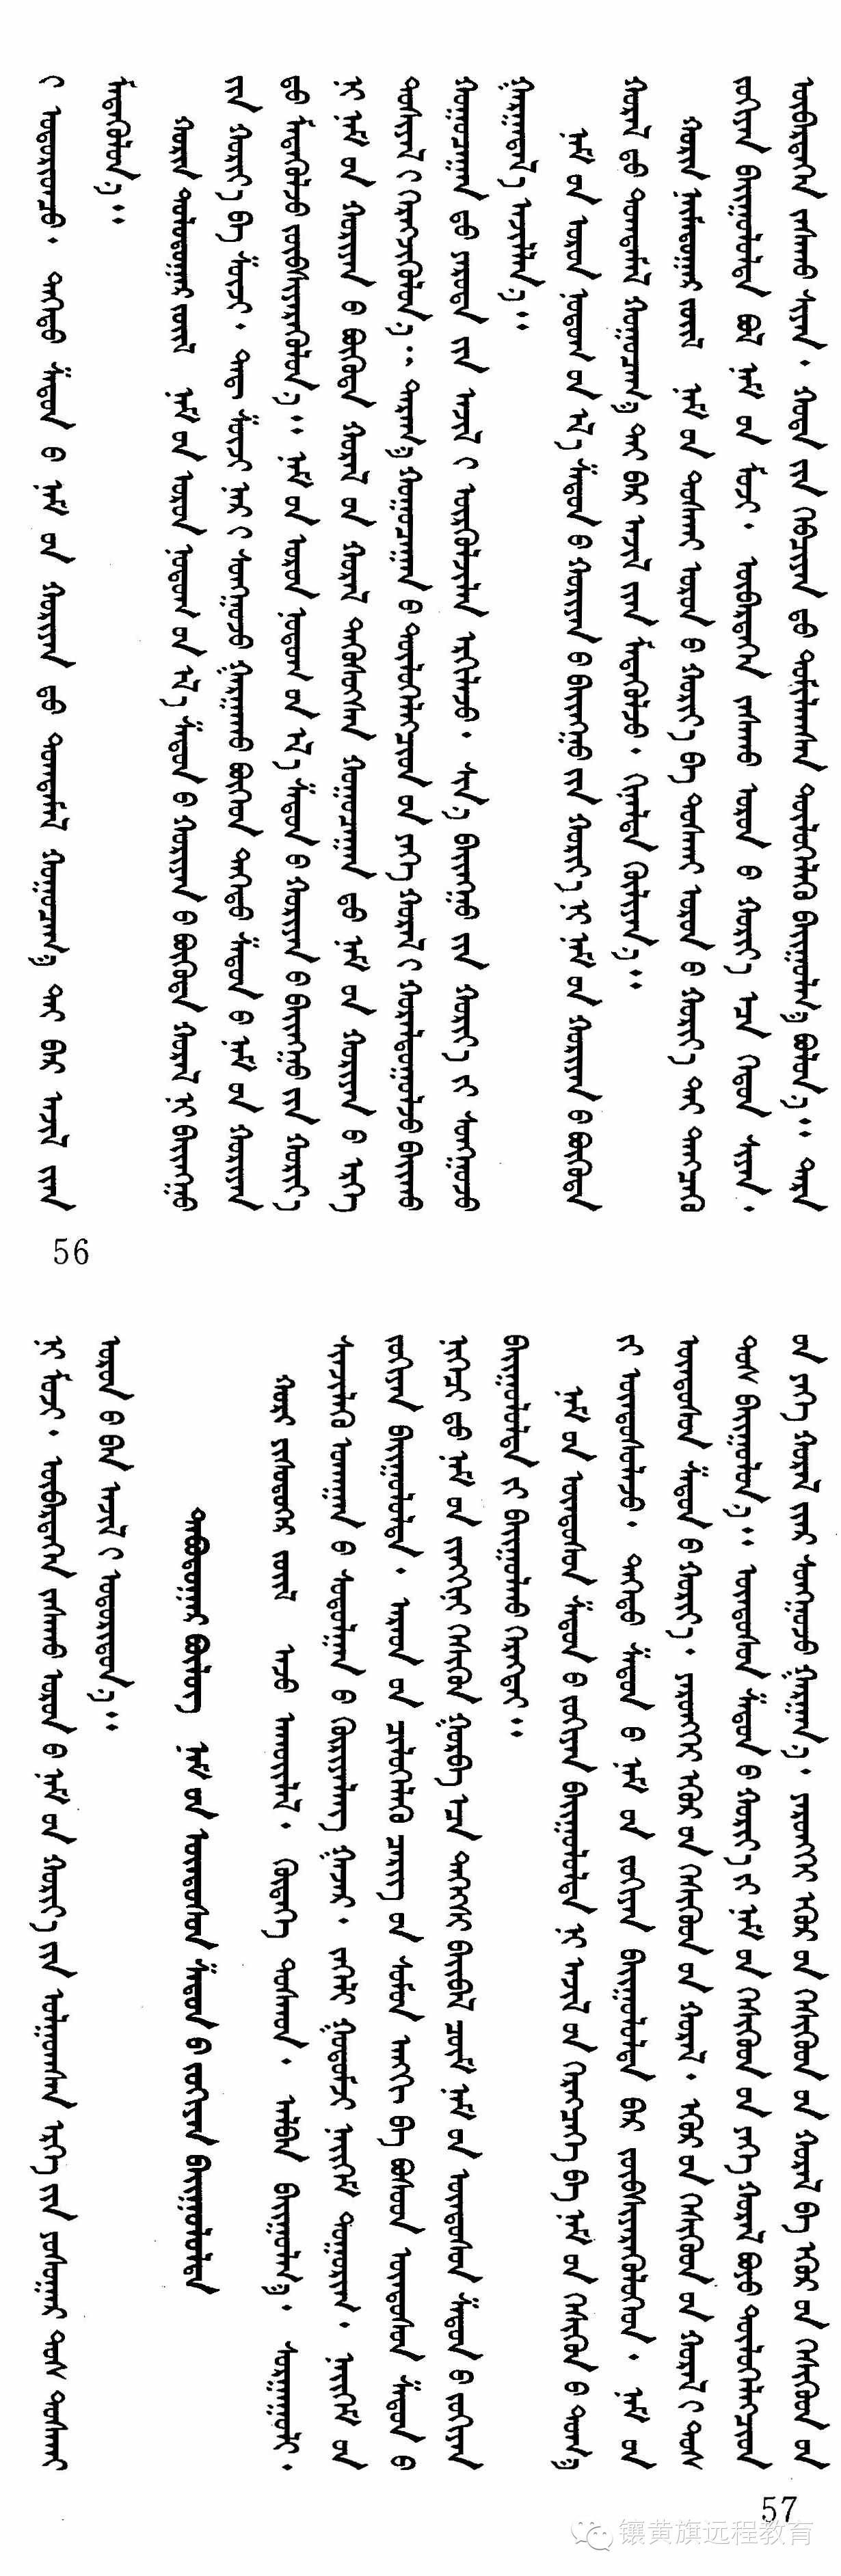 【两学一做材料】蒙文版《党章》 第14张 【两学一做材料】蒙文版《党章》 蒙古文库